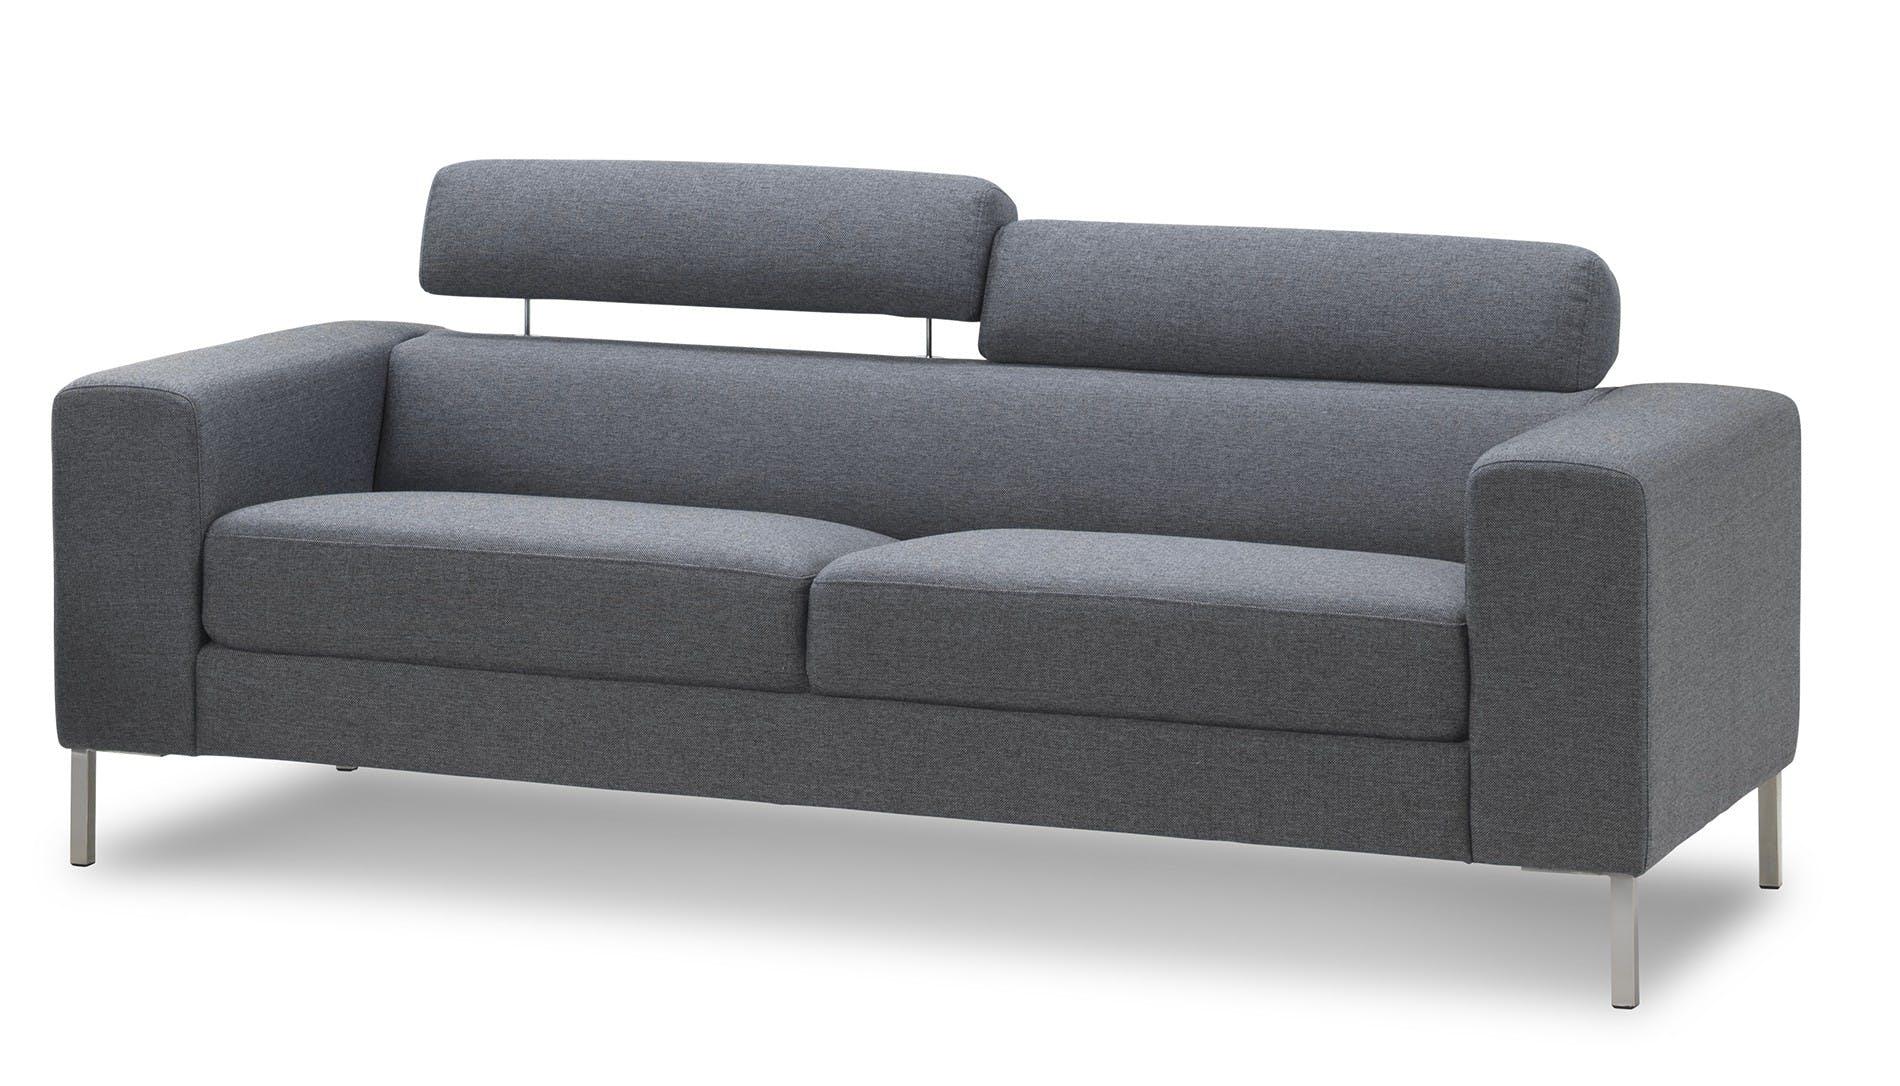 Canapé 2 places tapissier gris et pieds acier chromé 157x88,5x78cm PURE